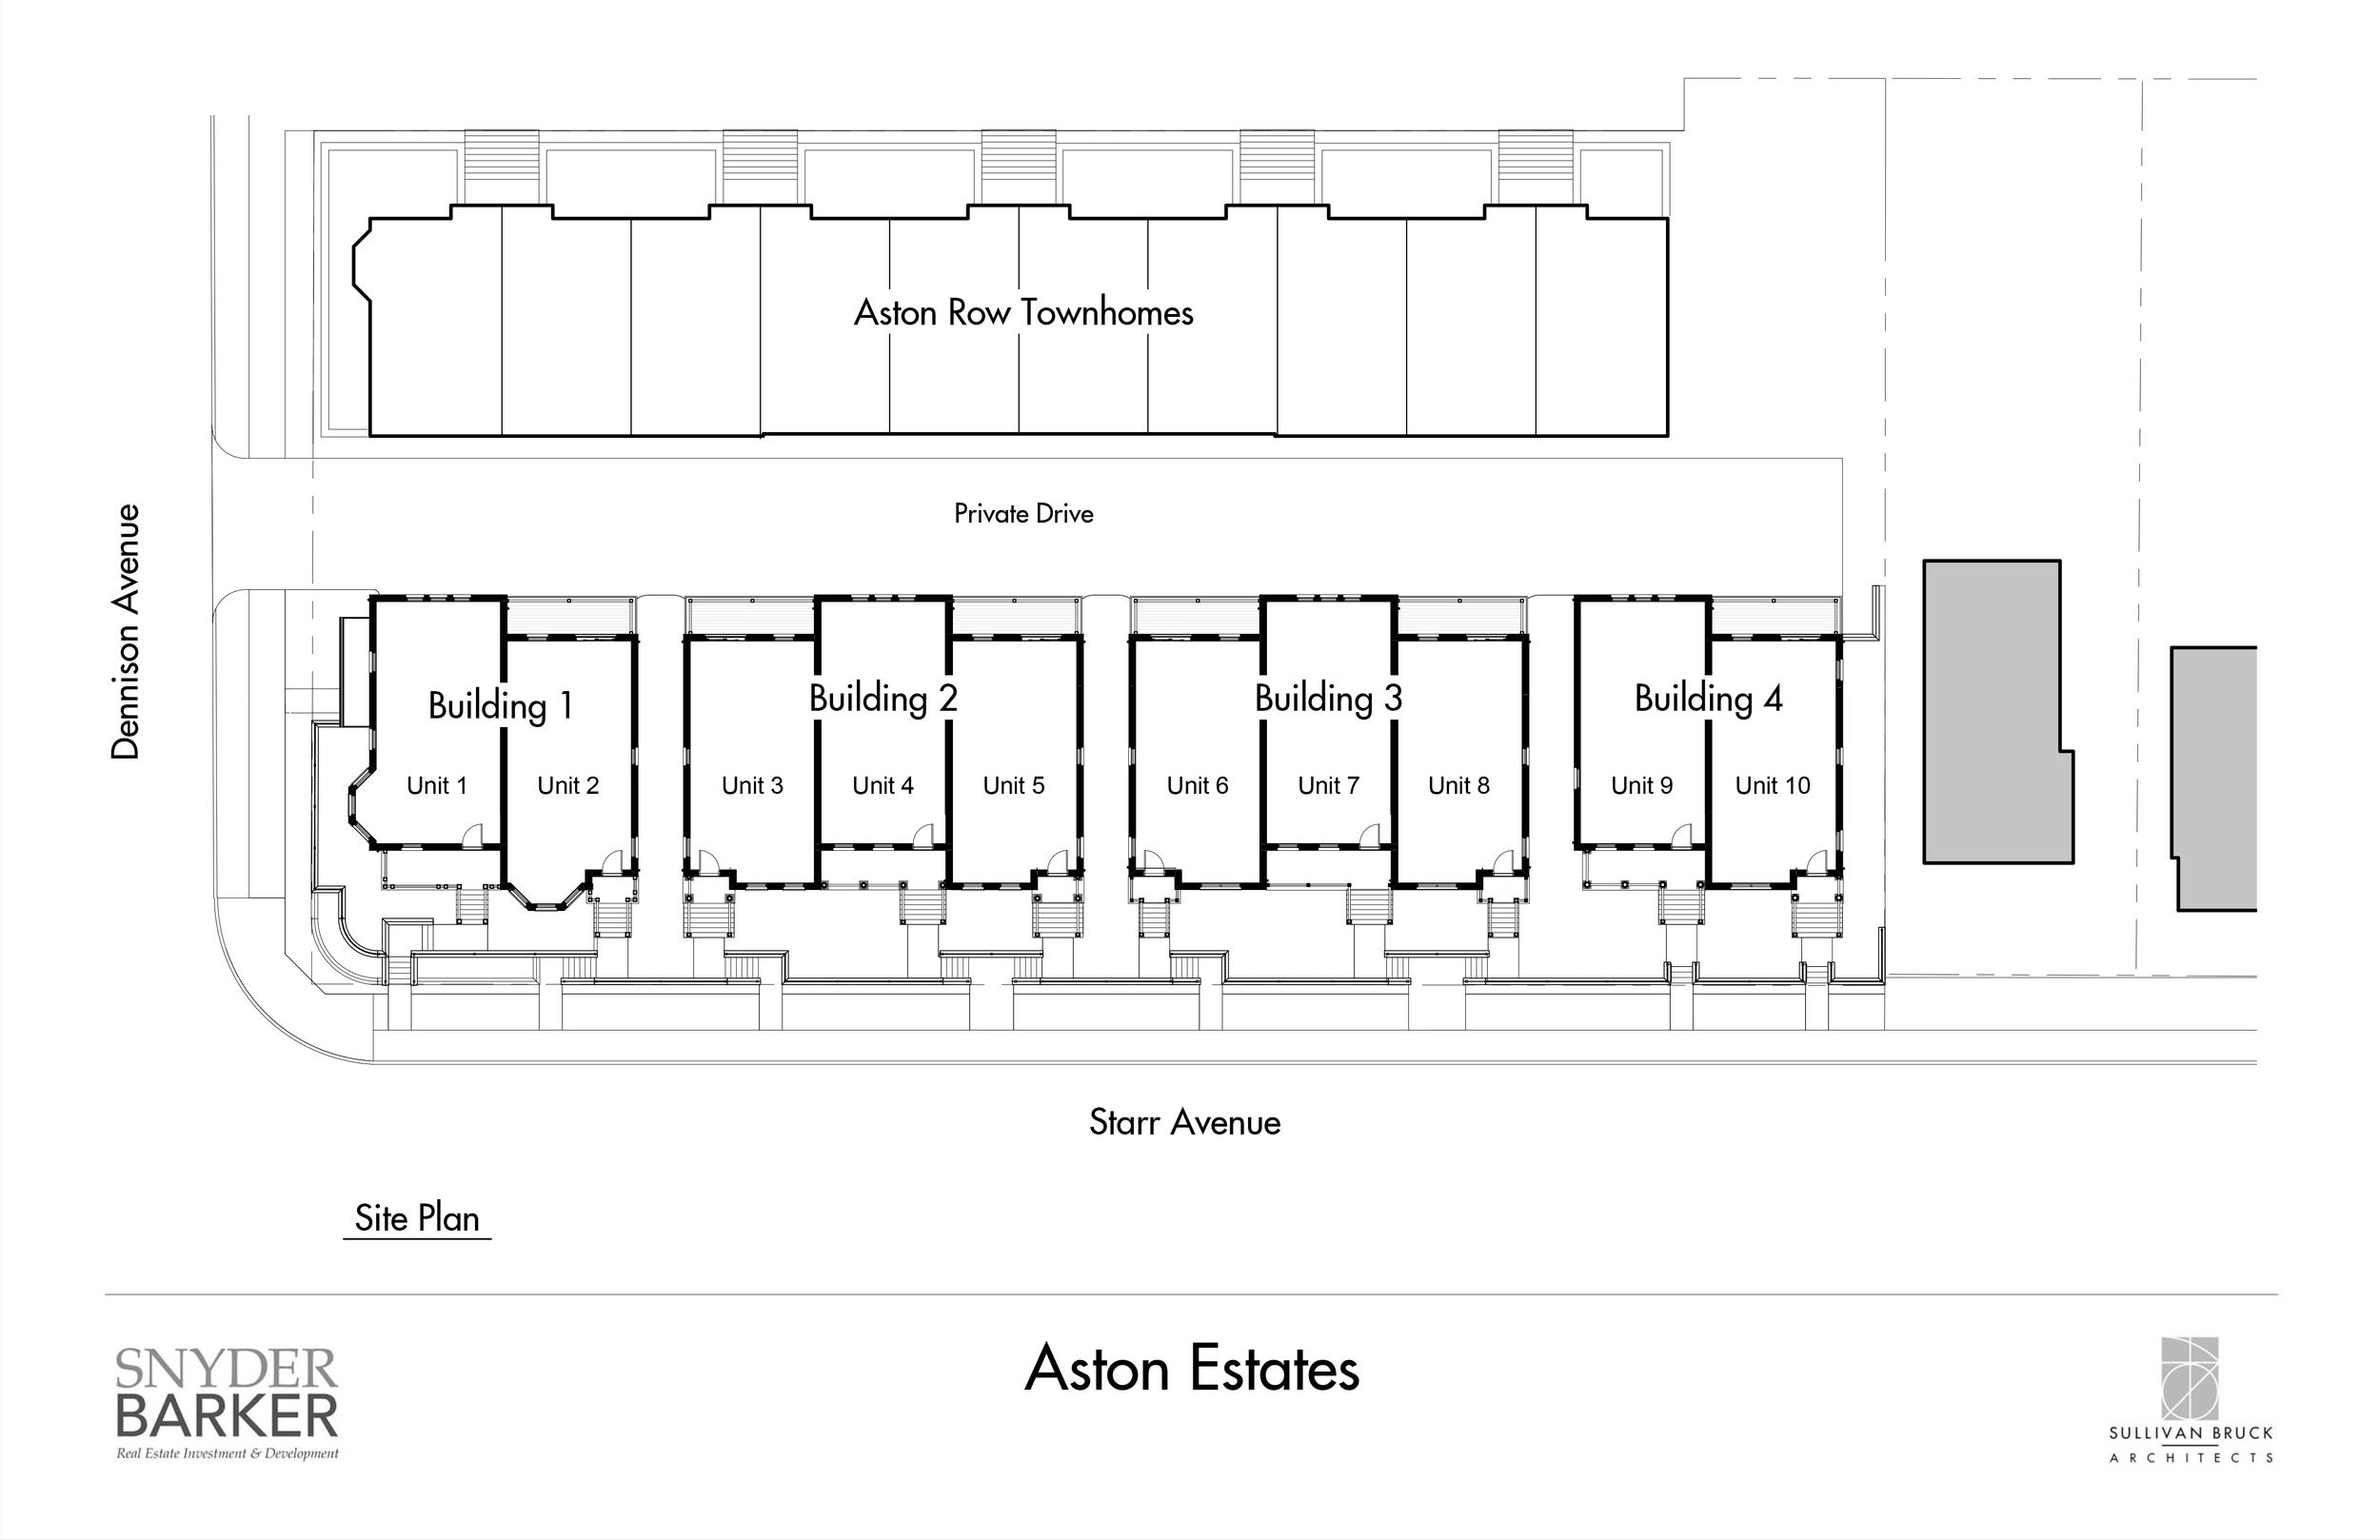 Aston_Estates_Site_Plan.jpg